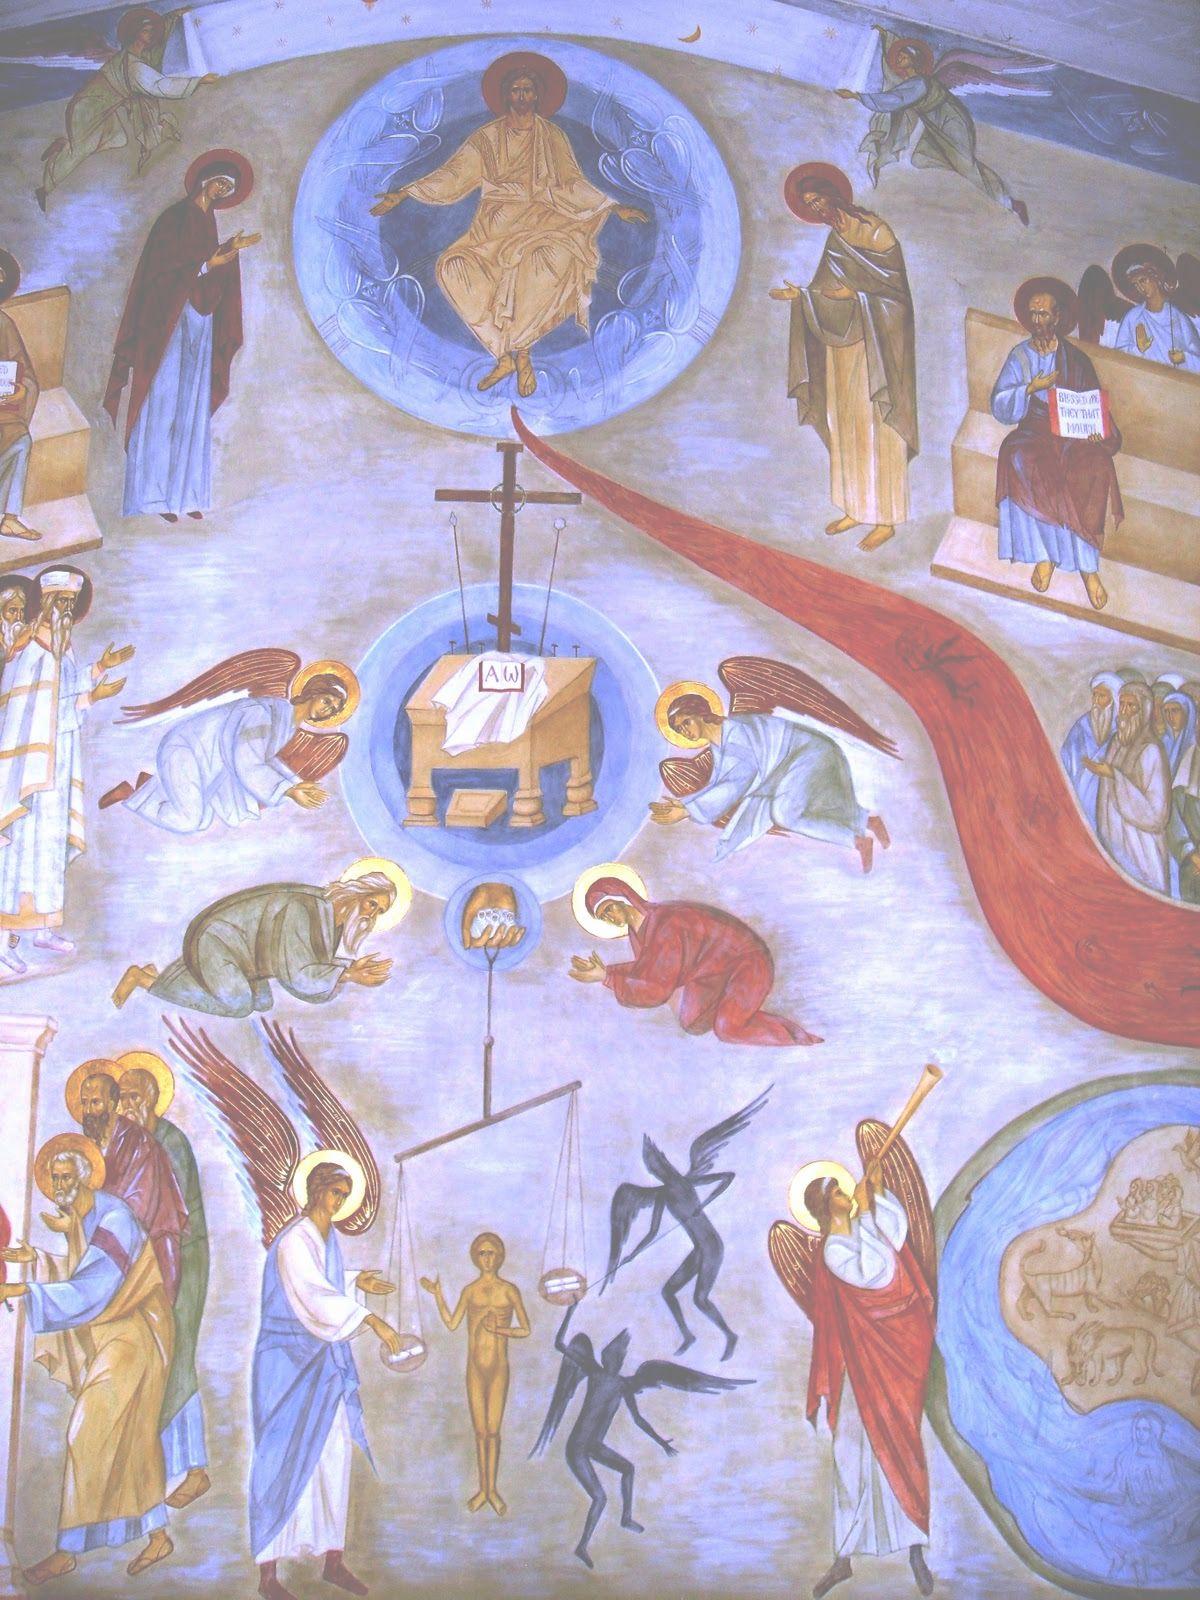 """Episcopul IGNATIE MURESANUL la Petru-Voda: <i>""""In lume purtam foarte multe masti, suntem ipocriti, dar la Judecata <b>PE DUMNEZEU NU-L VOM PUTEA MINTI IN NICIUN FEL!""""</b></i>"""